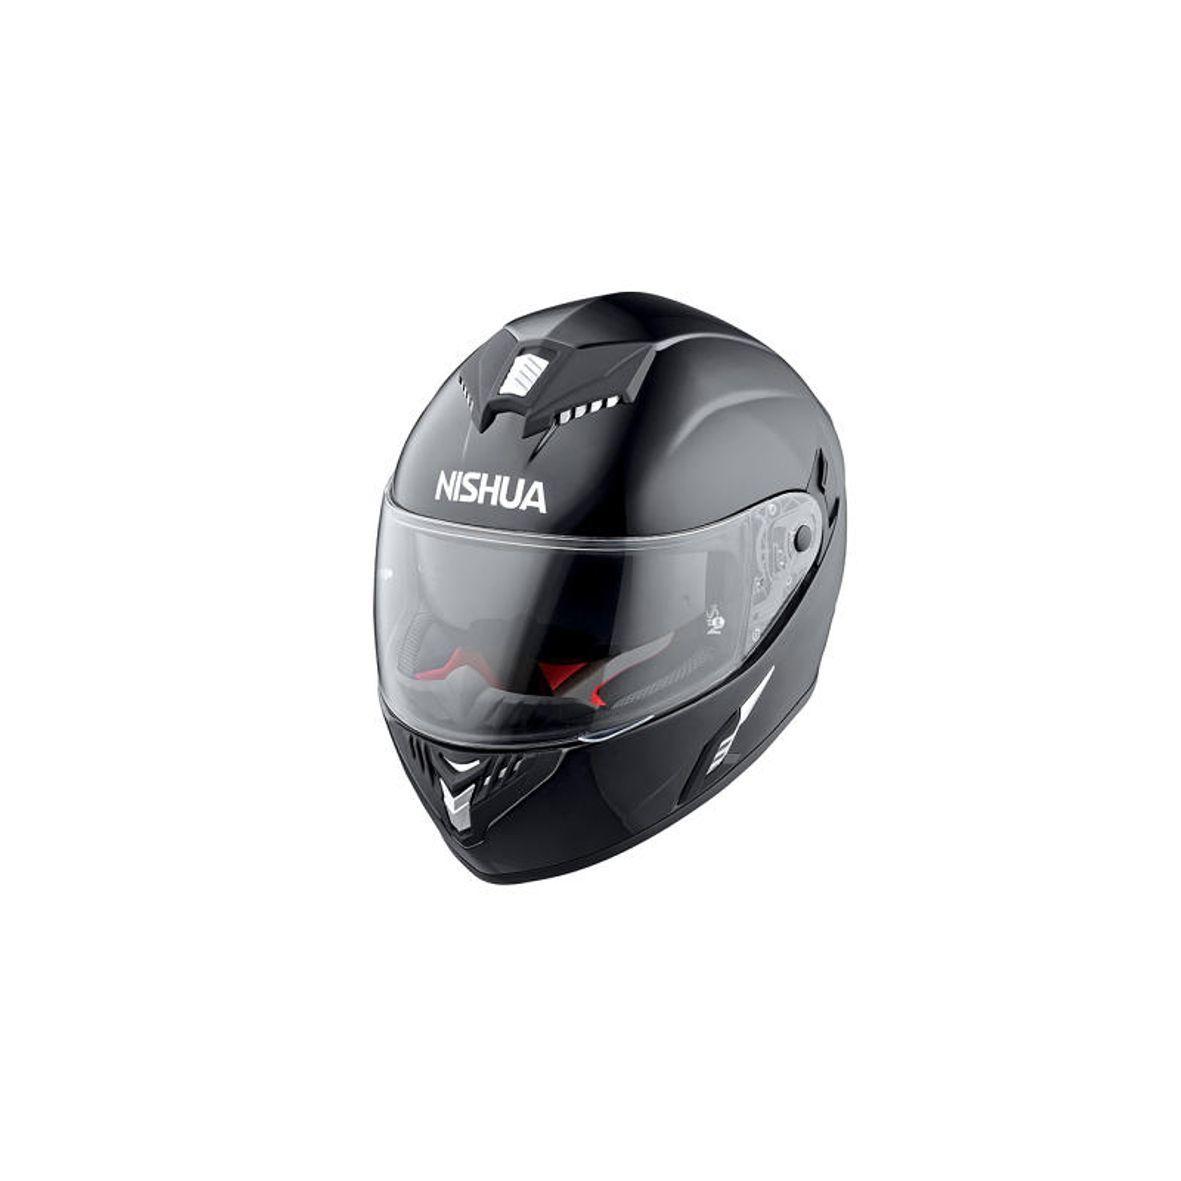 mid Groß-Gerau - Das KBA ruft Nutzer des Integralhelms Nishua NTX-3 der Firma Detlef Louis Motorrad dazu auf sich wegen einer möglicherweise verminderten Schutzwirkung beim Hersteller zu melden.